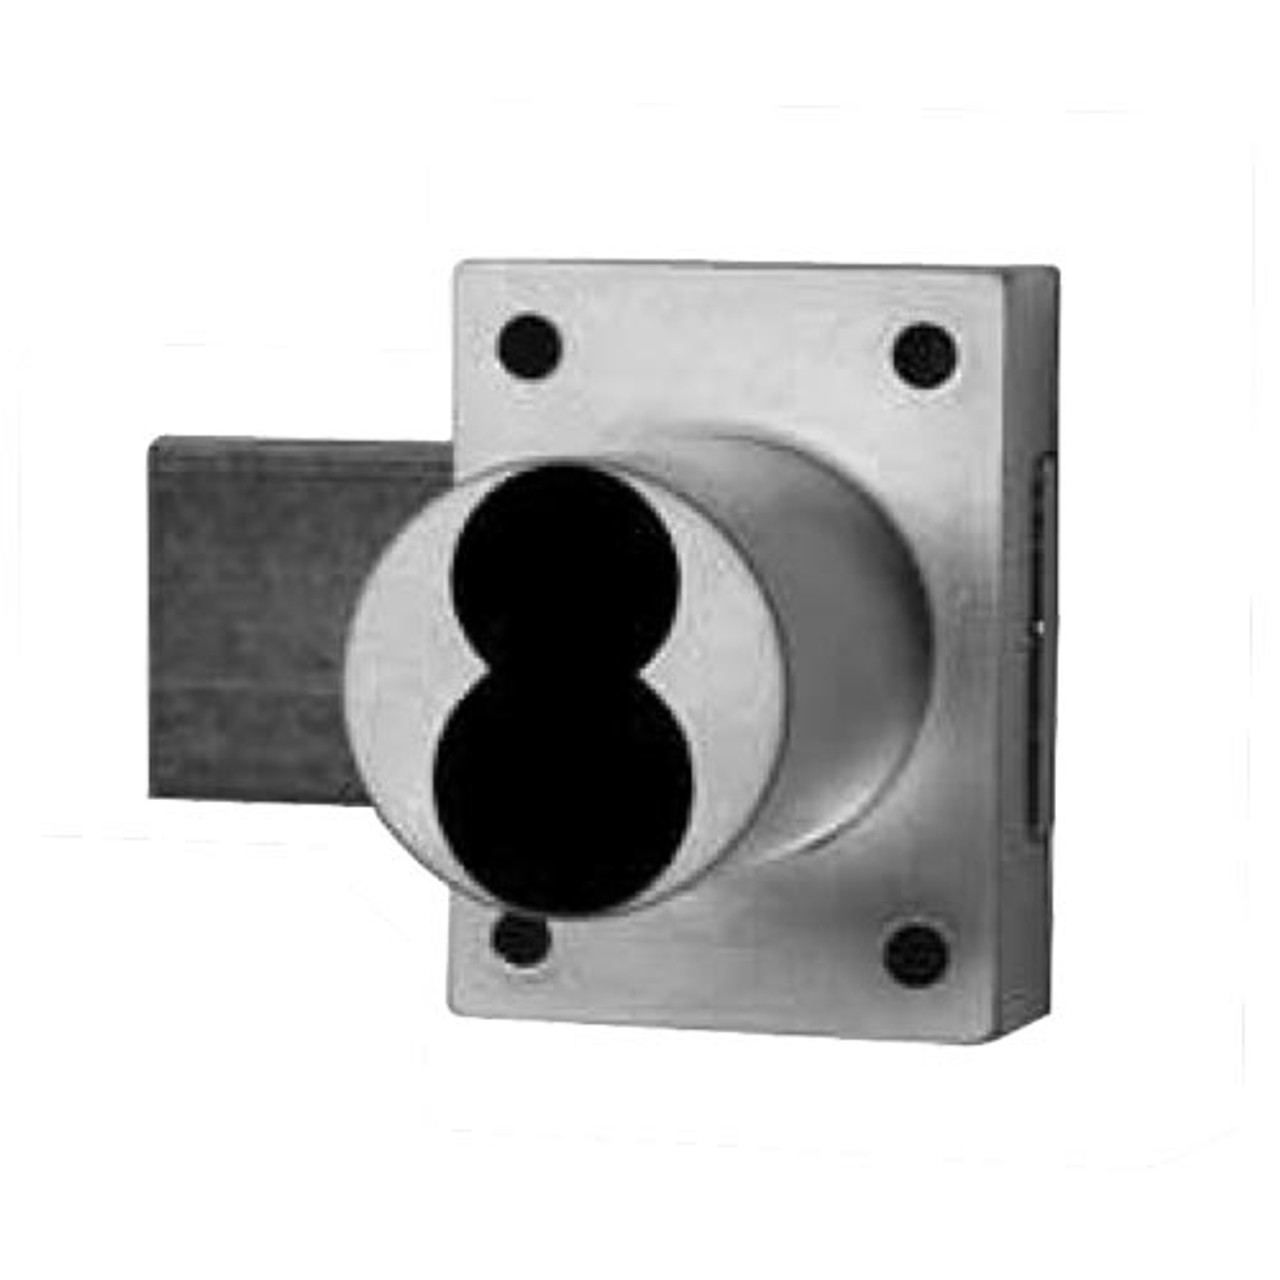 Olympus 777ICP-26D Cabinet Deadbolt Lock body Schlage Prepped for FSIC in Satin Chrome